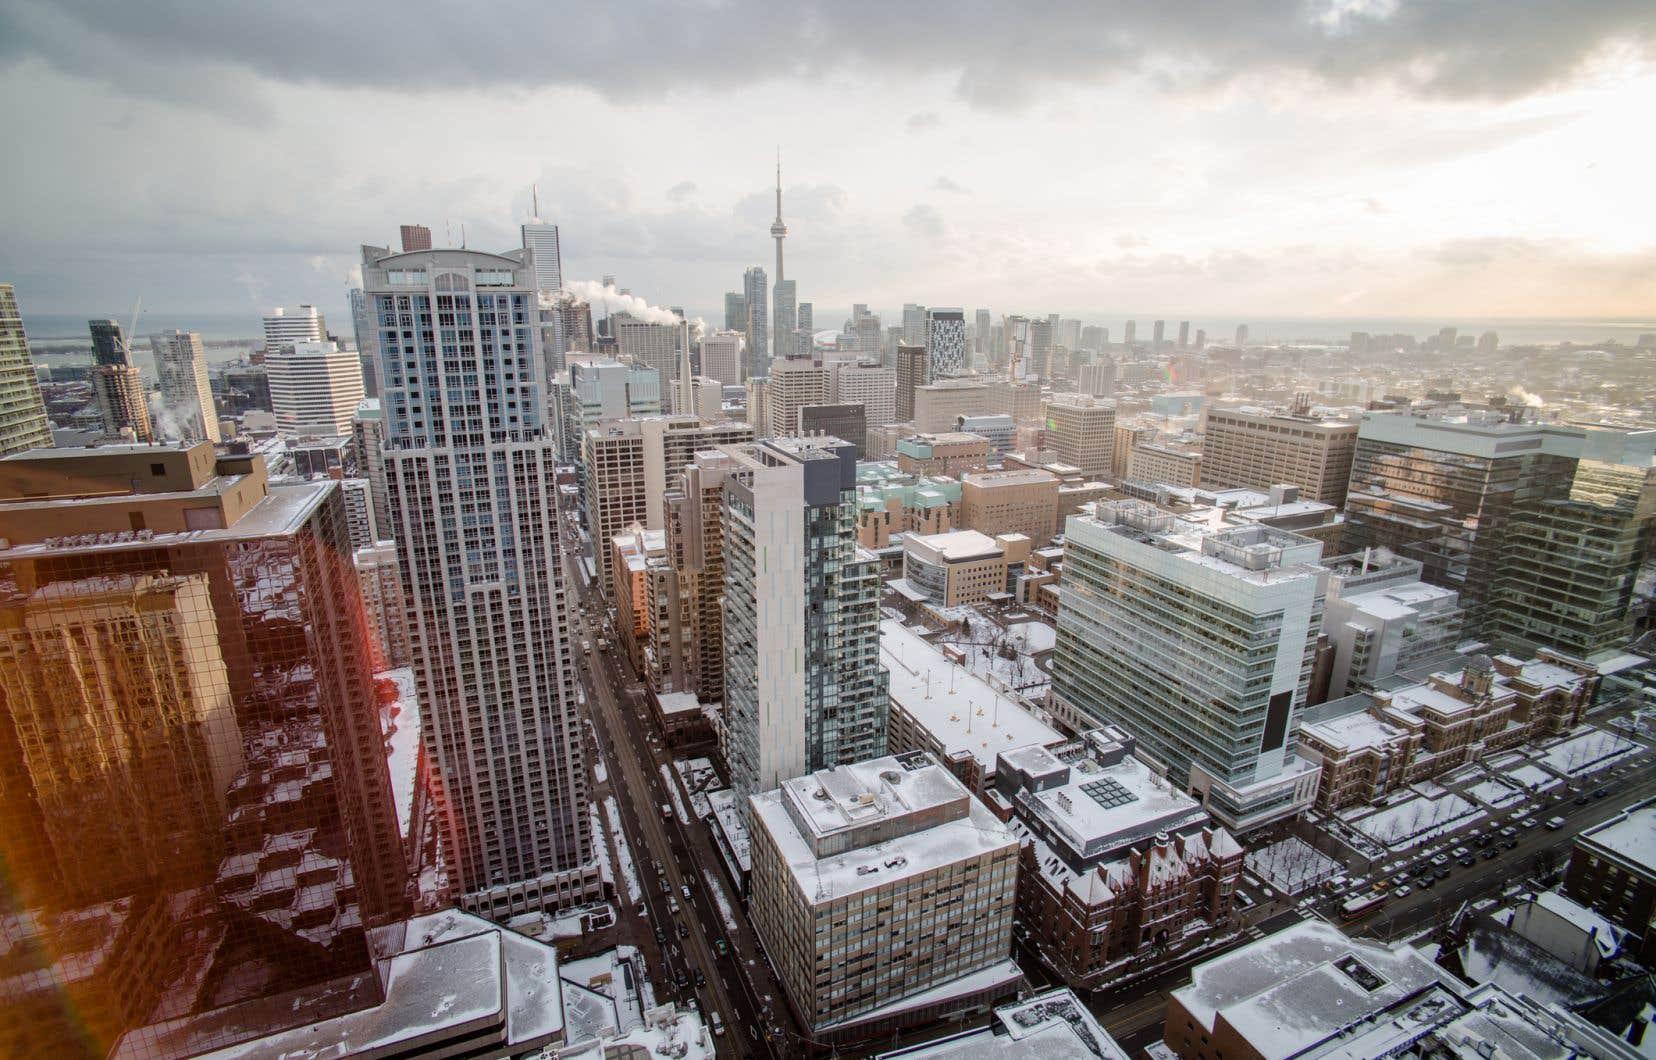 Une des principales sources de préoccupation pour les autorités responsables de la politique monétaire a été la très forte poussée des prix de l'immobilier dans certaines régions canadiennes (comme à Toronto, sur la photo).